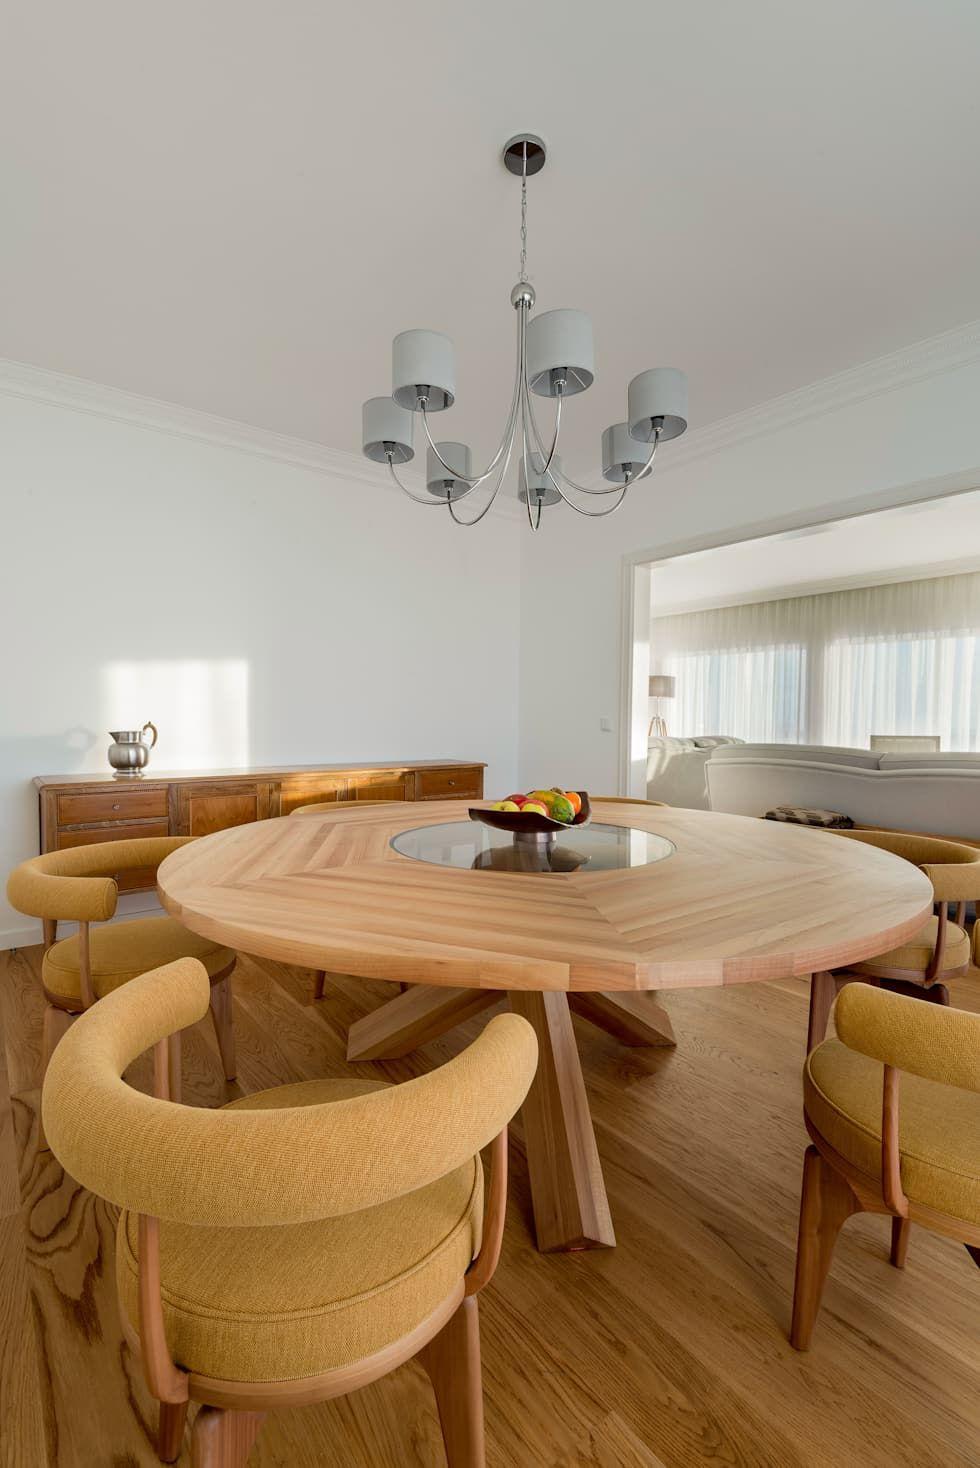 Stoc casa interiores sala da pranzo moderna legno marrone ...